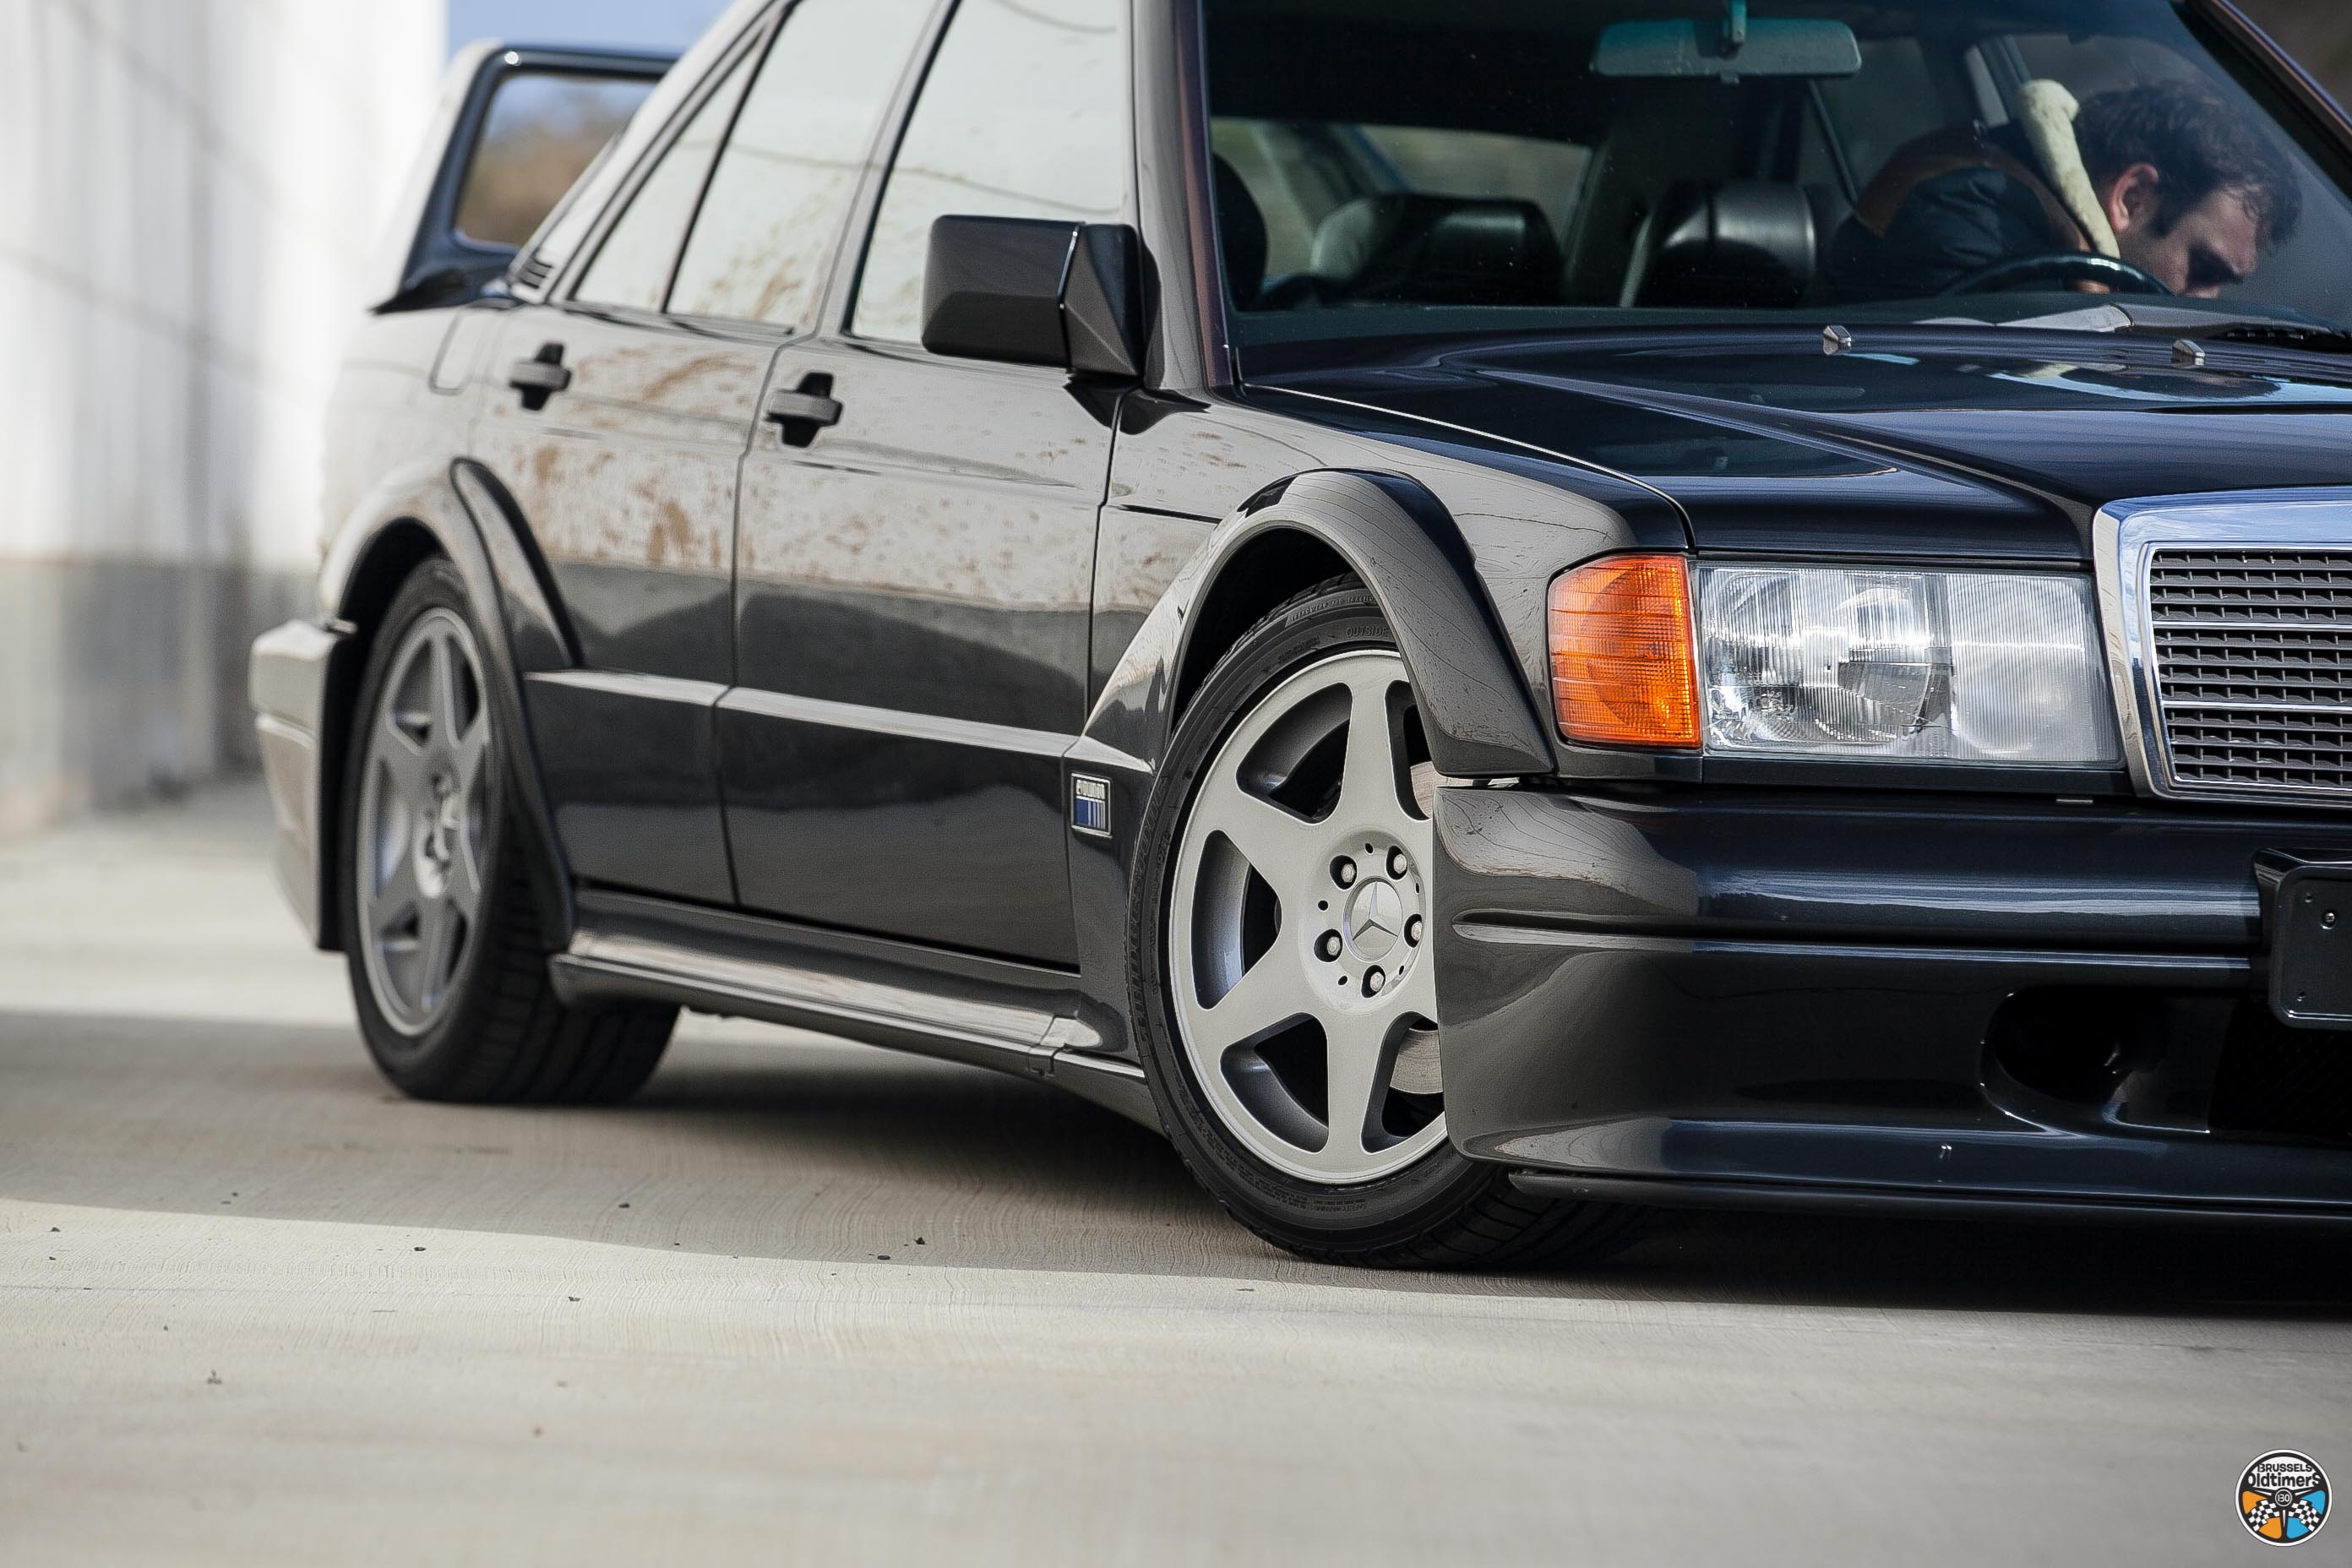 Mercedes 190 evo 2